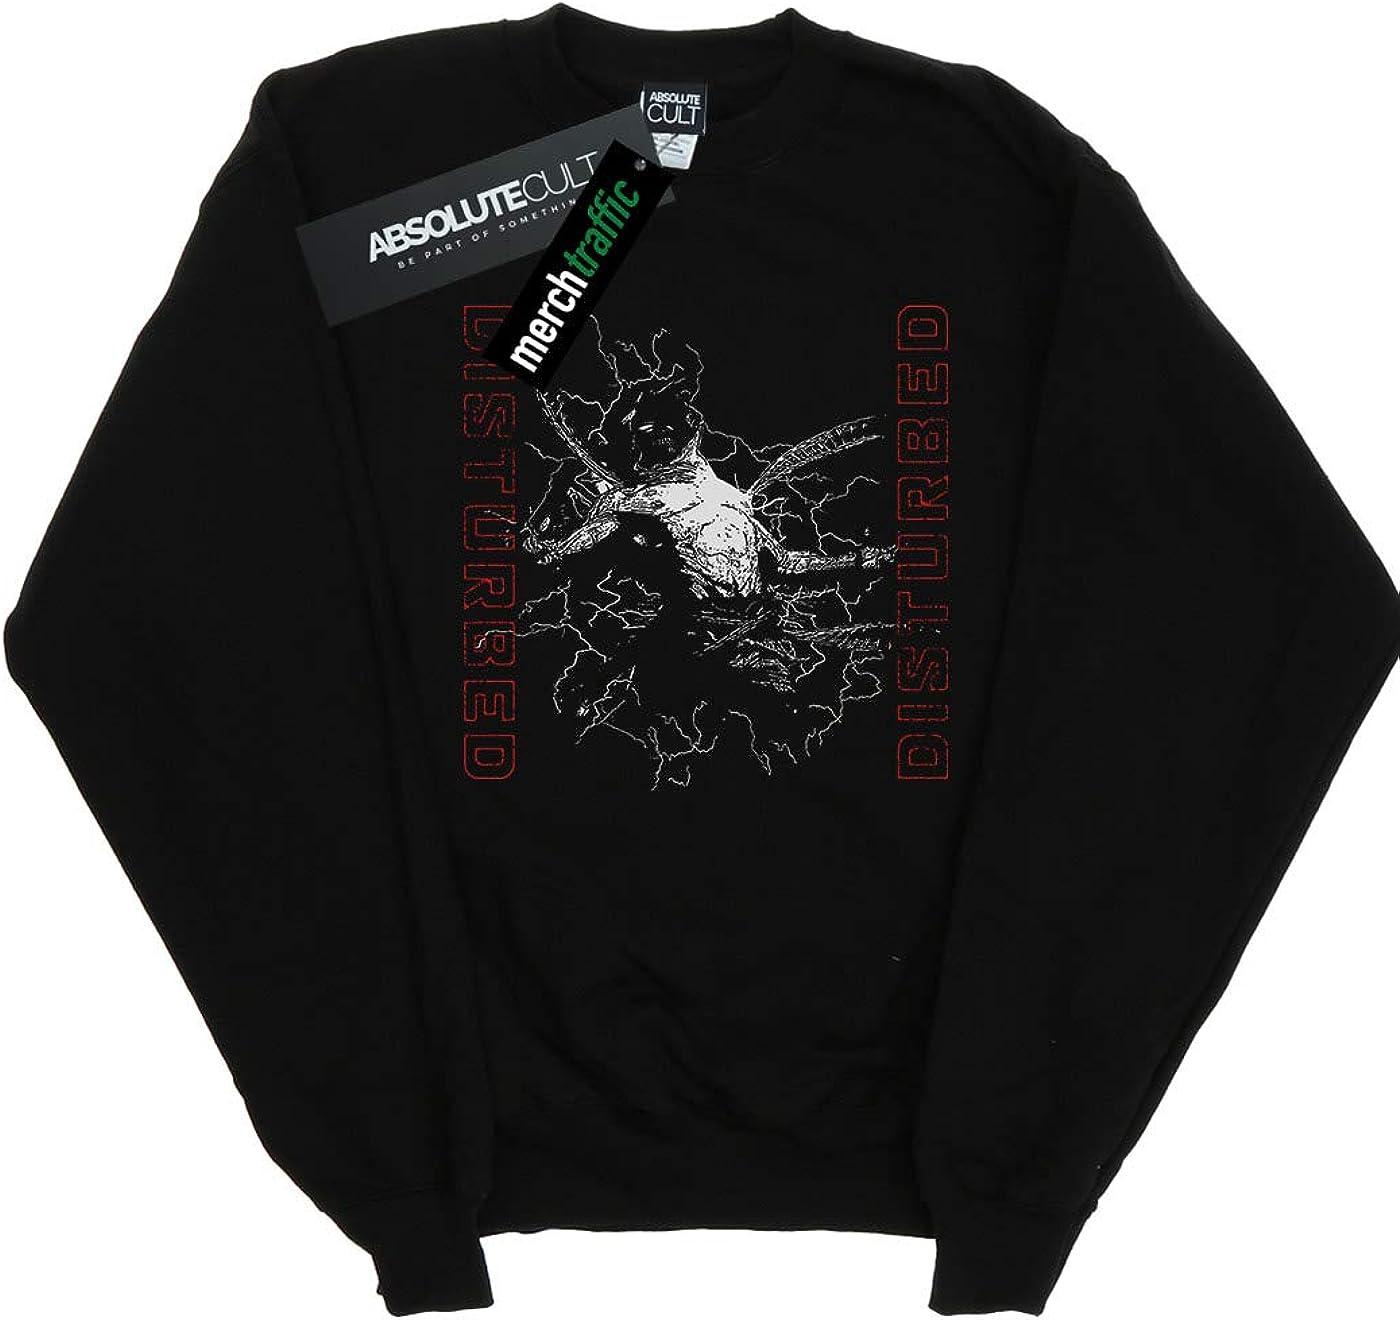 ABSOLUTECULT Disturbed Girls Evolution Sketch Sweatshirt